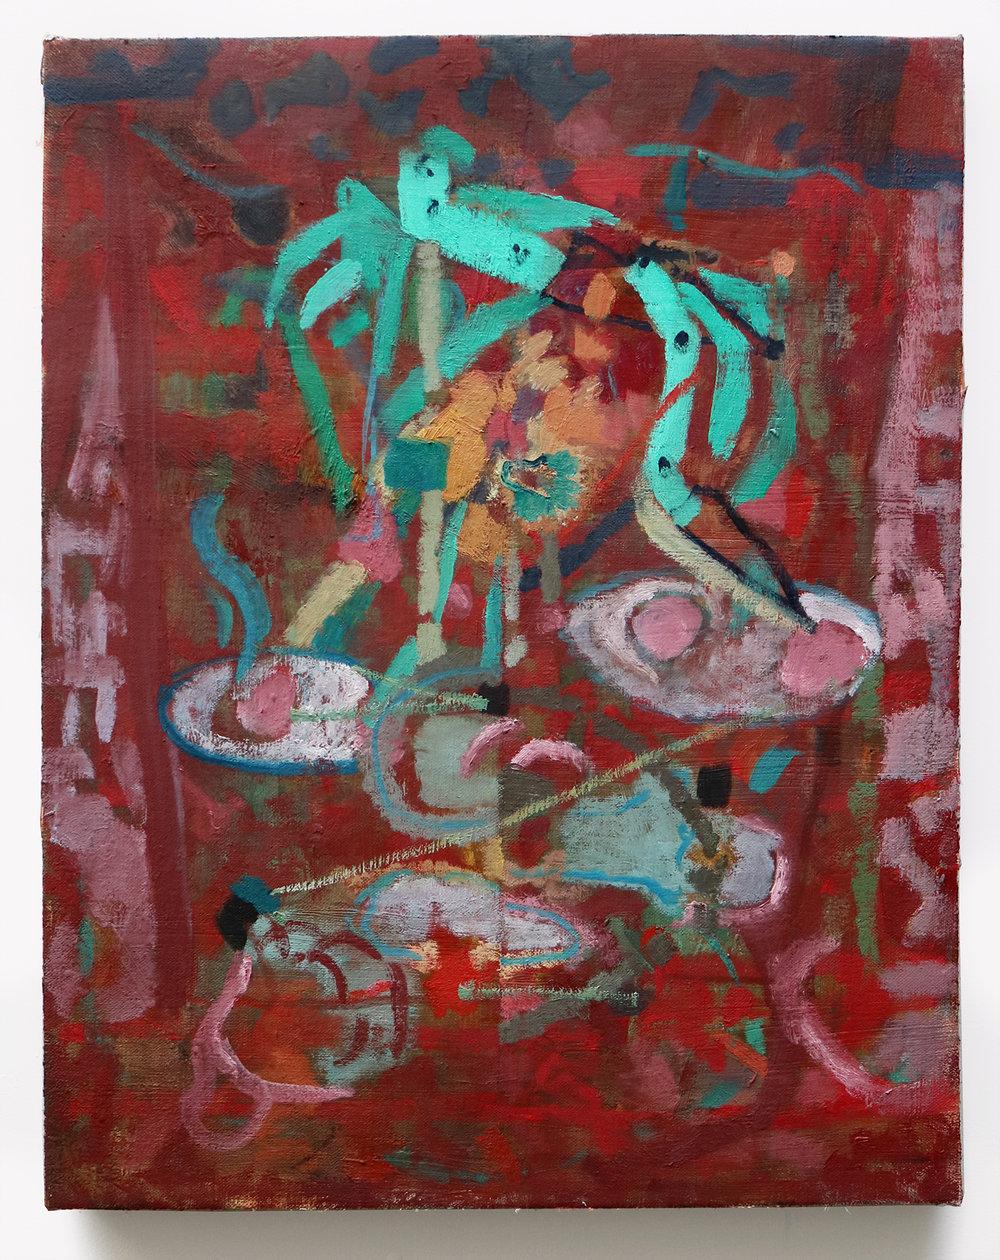 """Lumin Wakoa, """"fantasy island"""", 2018, Oil on linen, 20 x 16 in"""